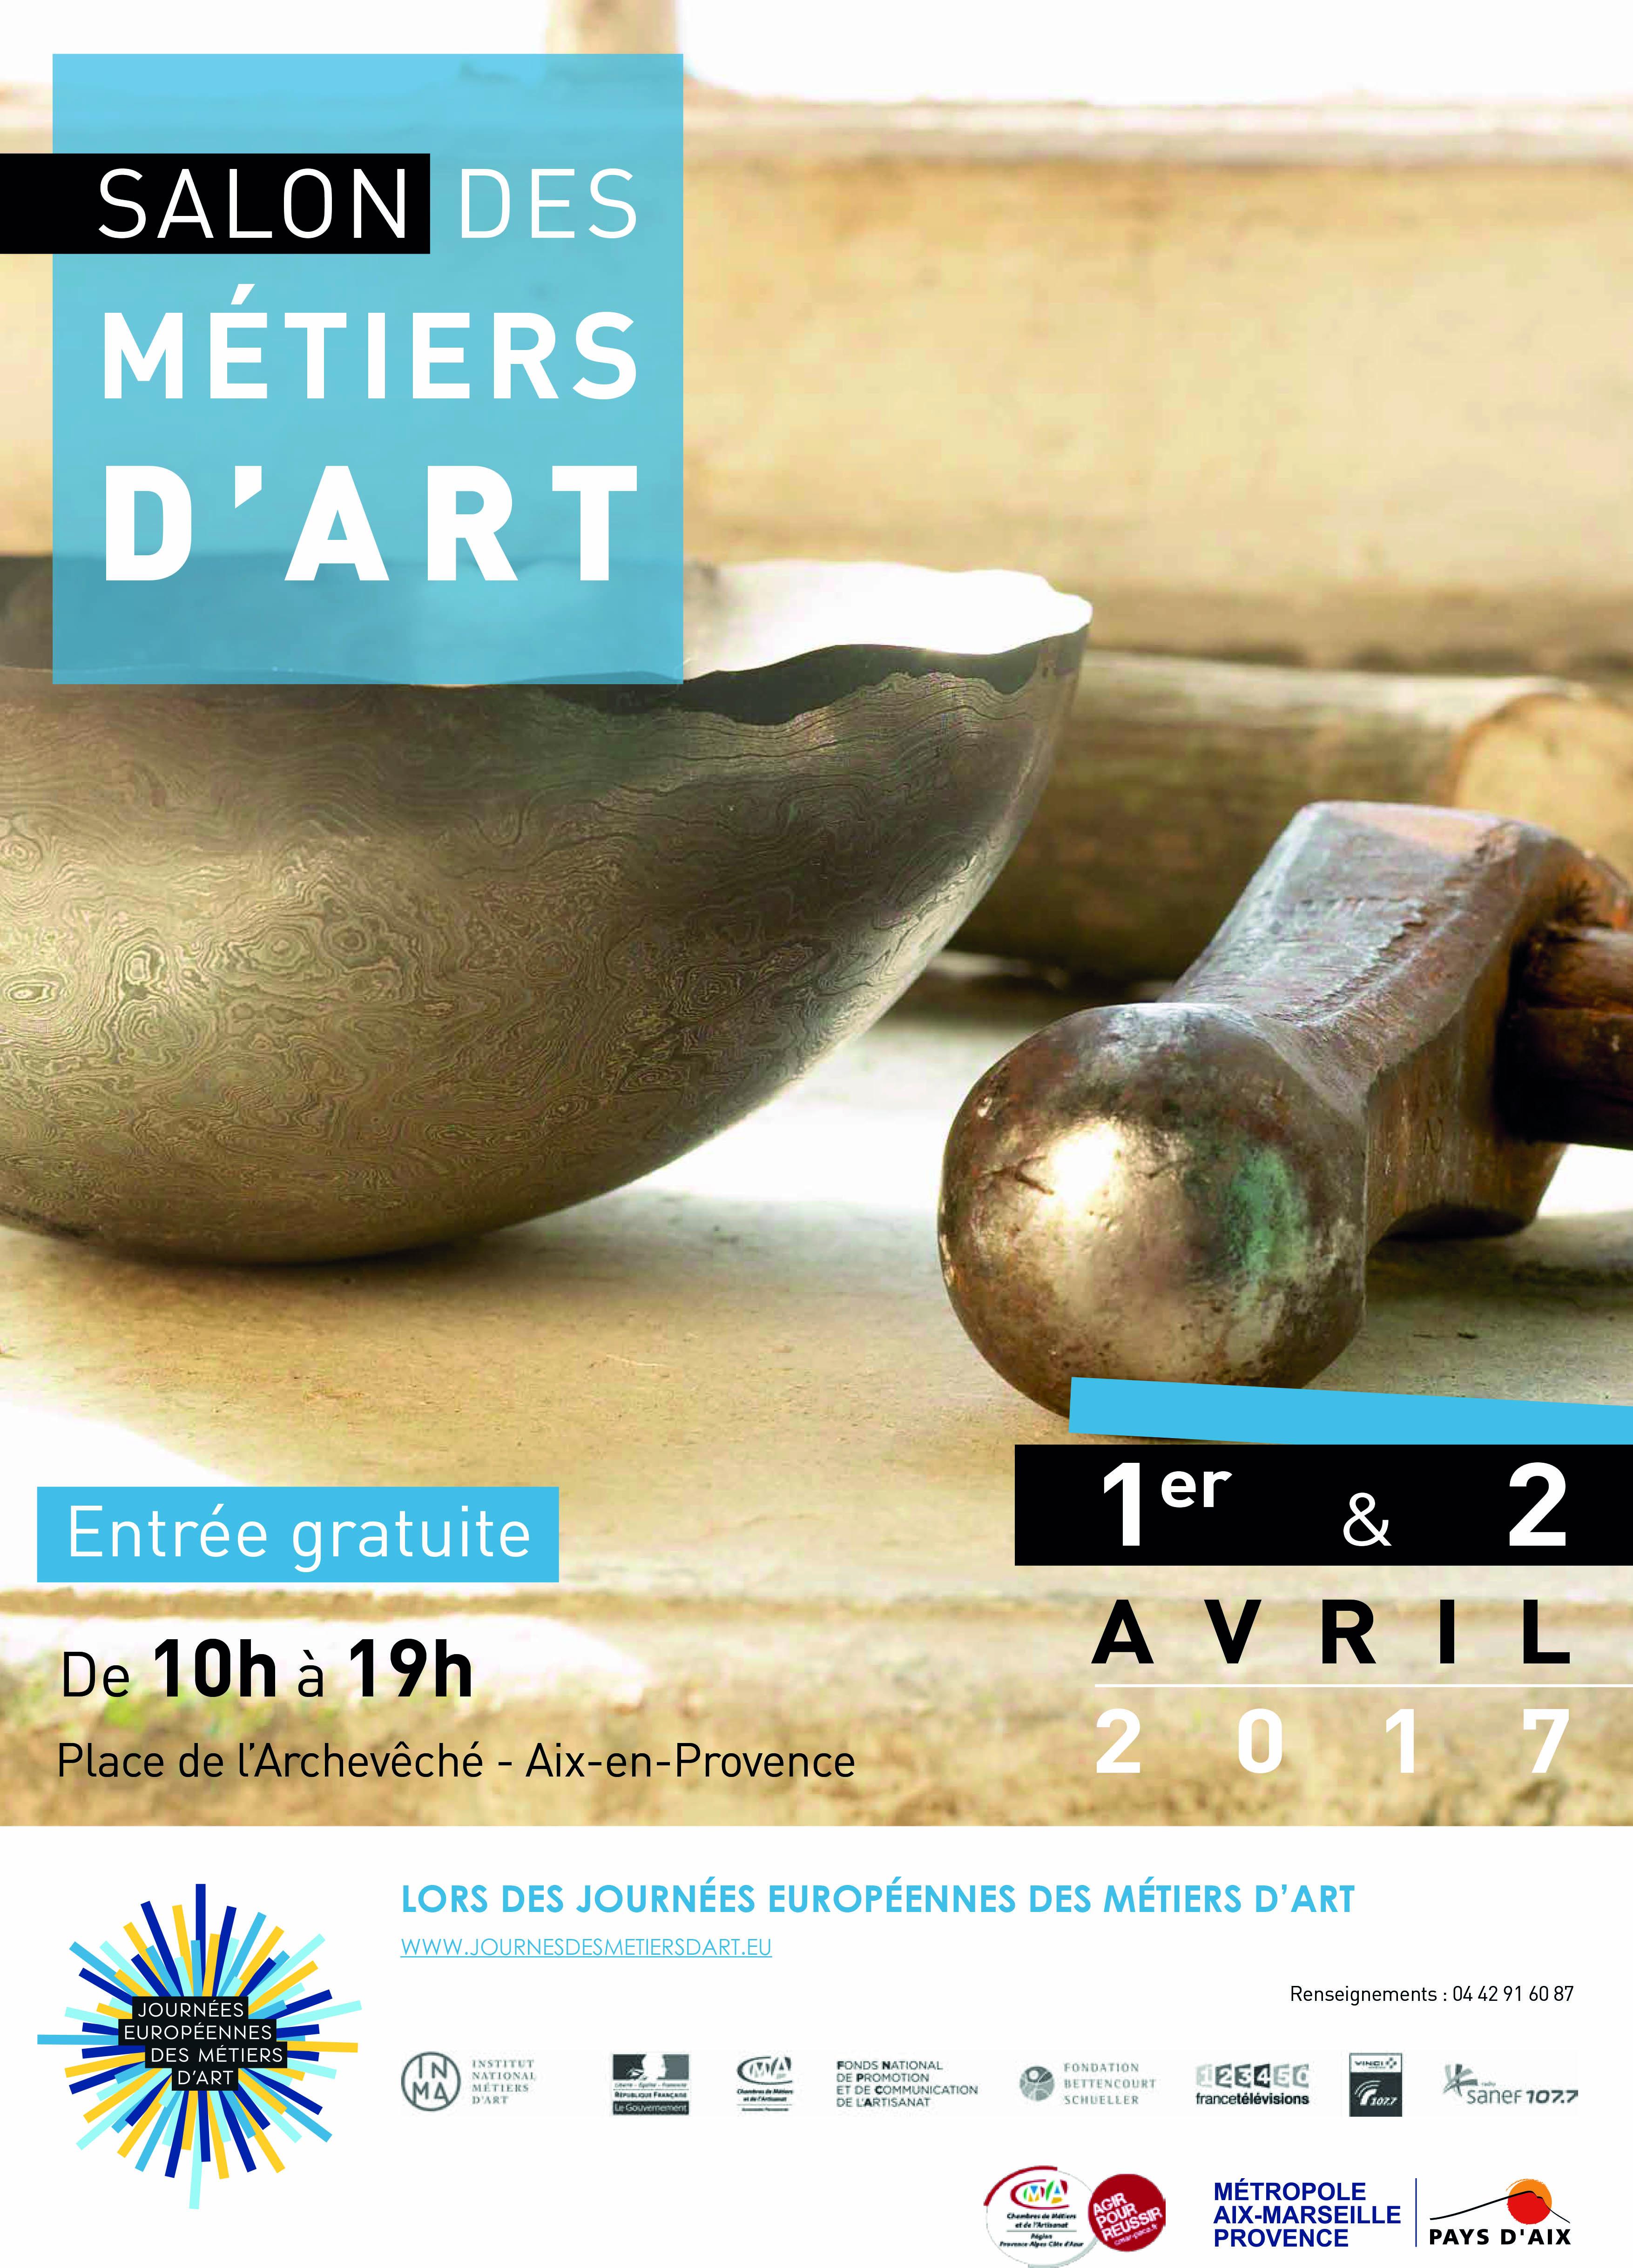 Salon des métiers d'art Aix-en-Provence 2017